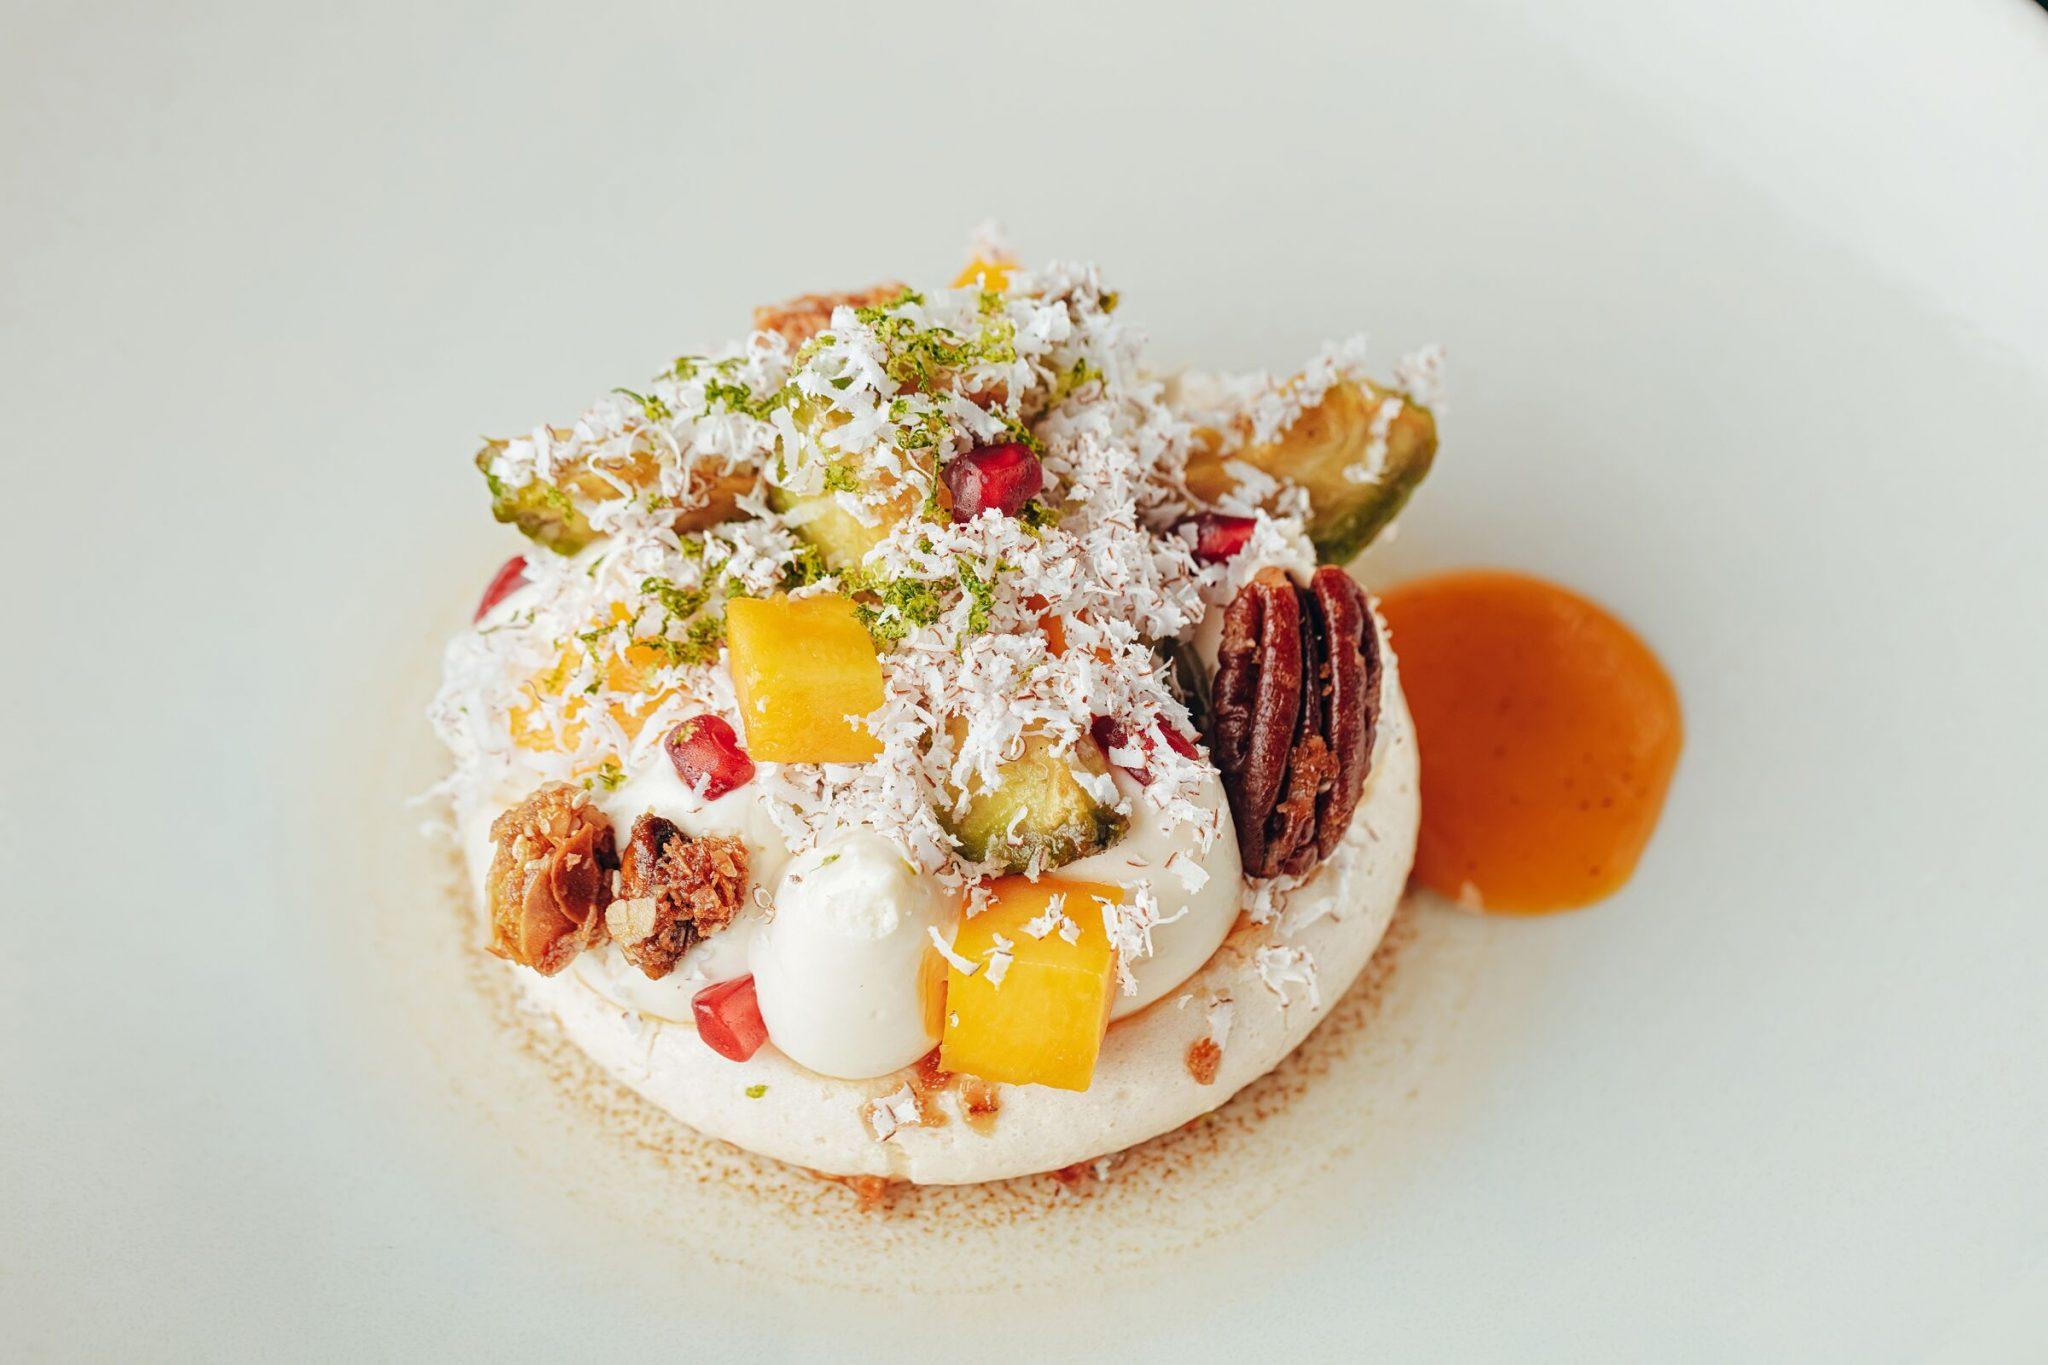 مطعم أمازونيكو يعلن عن قائمة طعامه الجديدة المخصّصة لغداء العمل